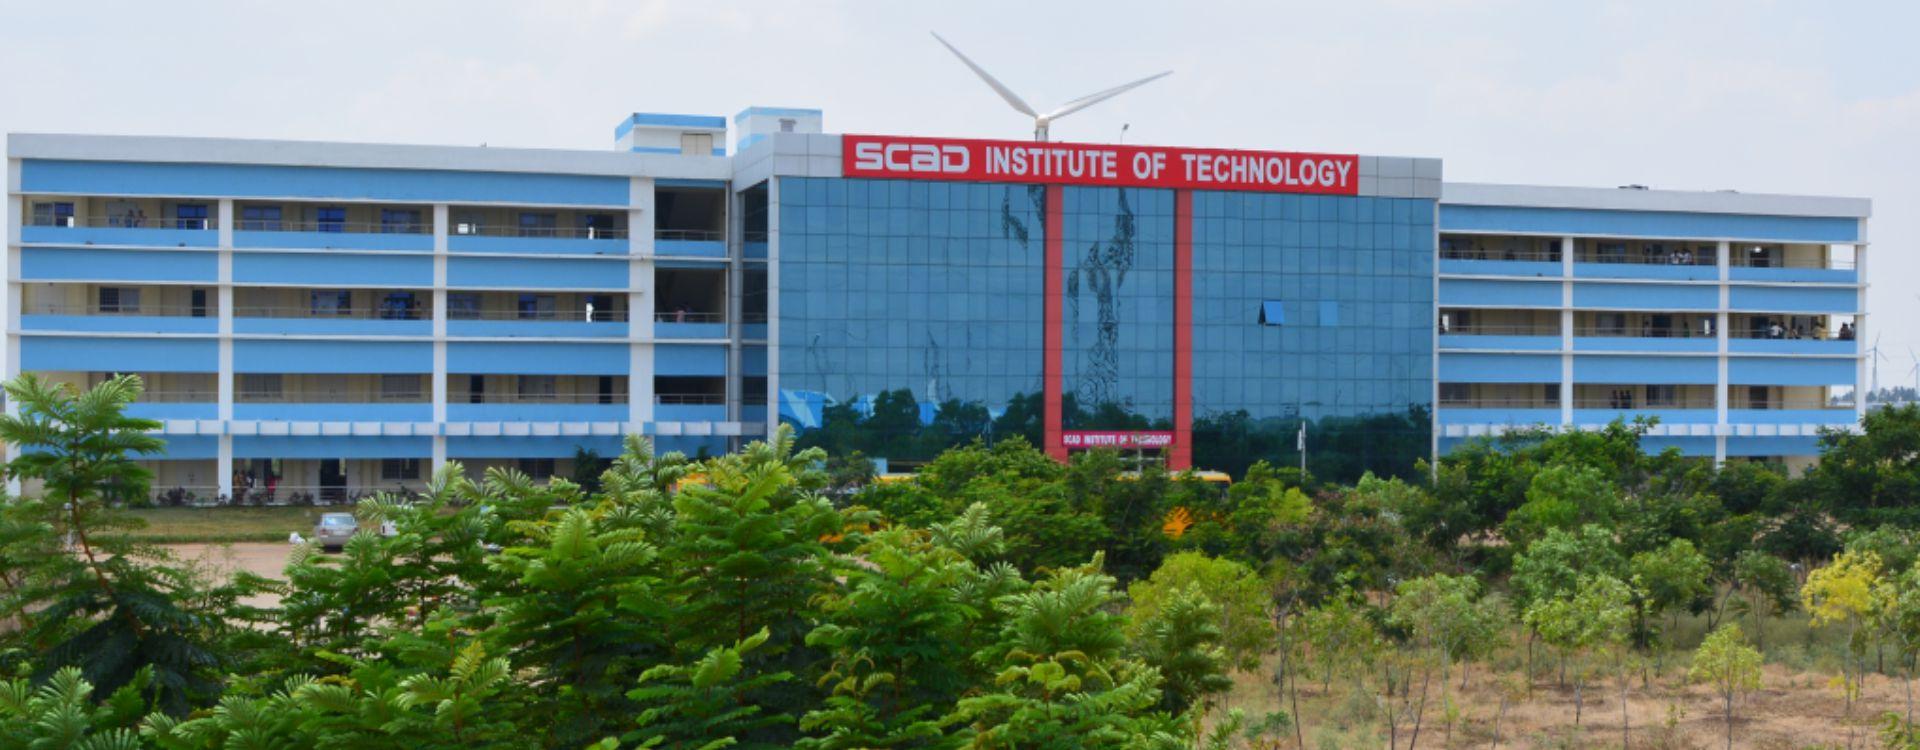 SCAD Institute of Technology, Palladam